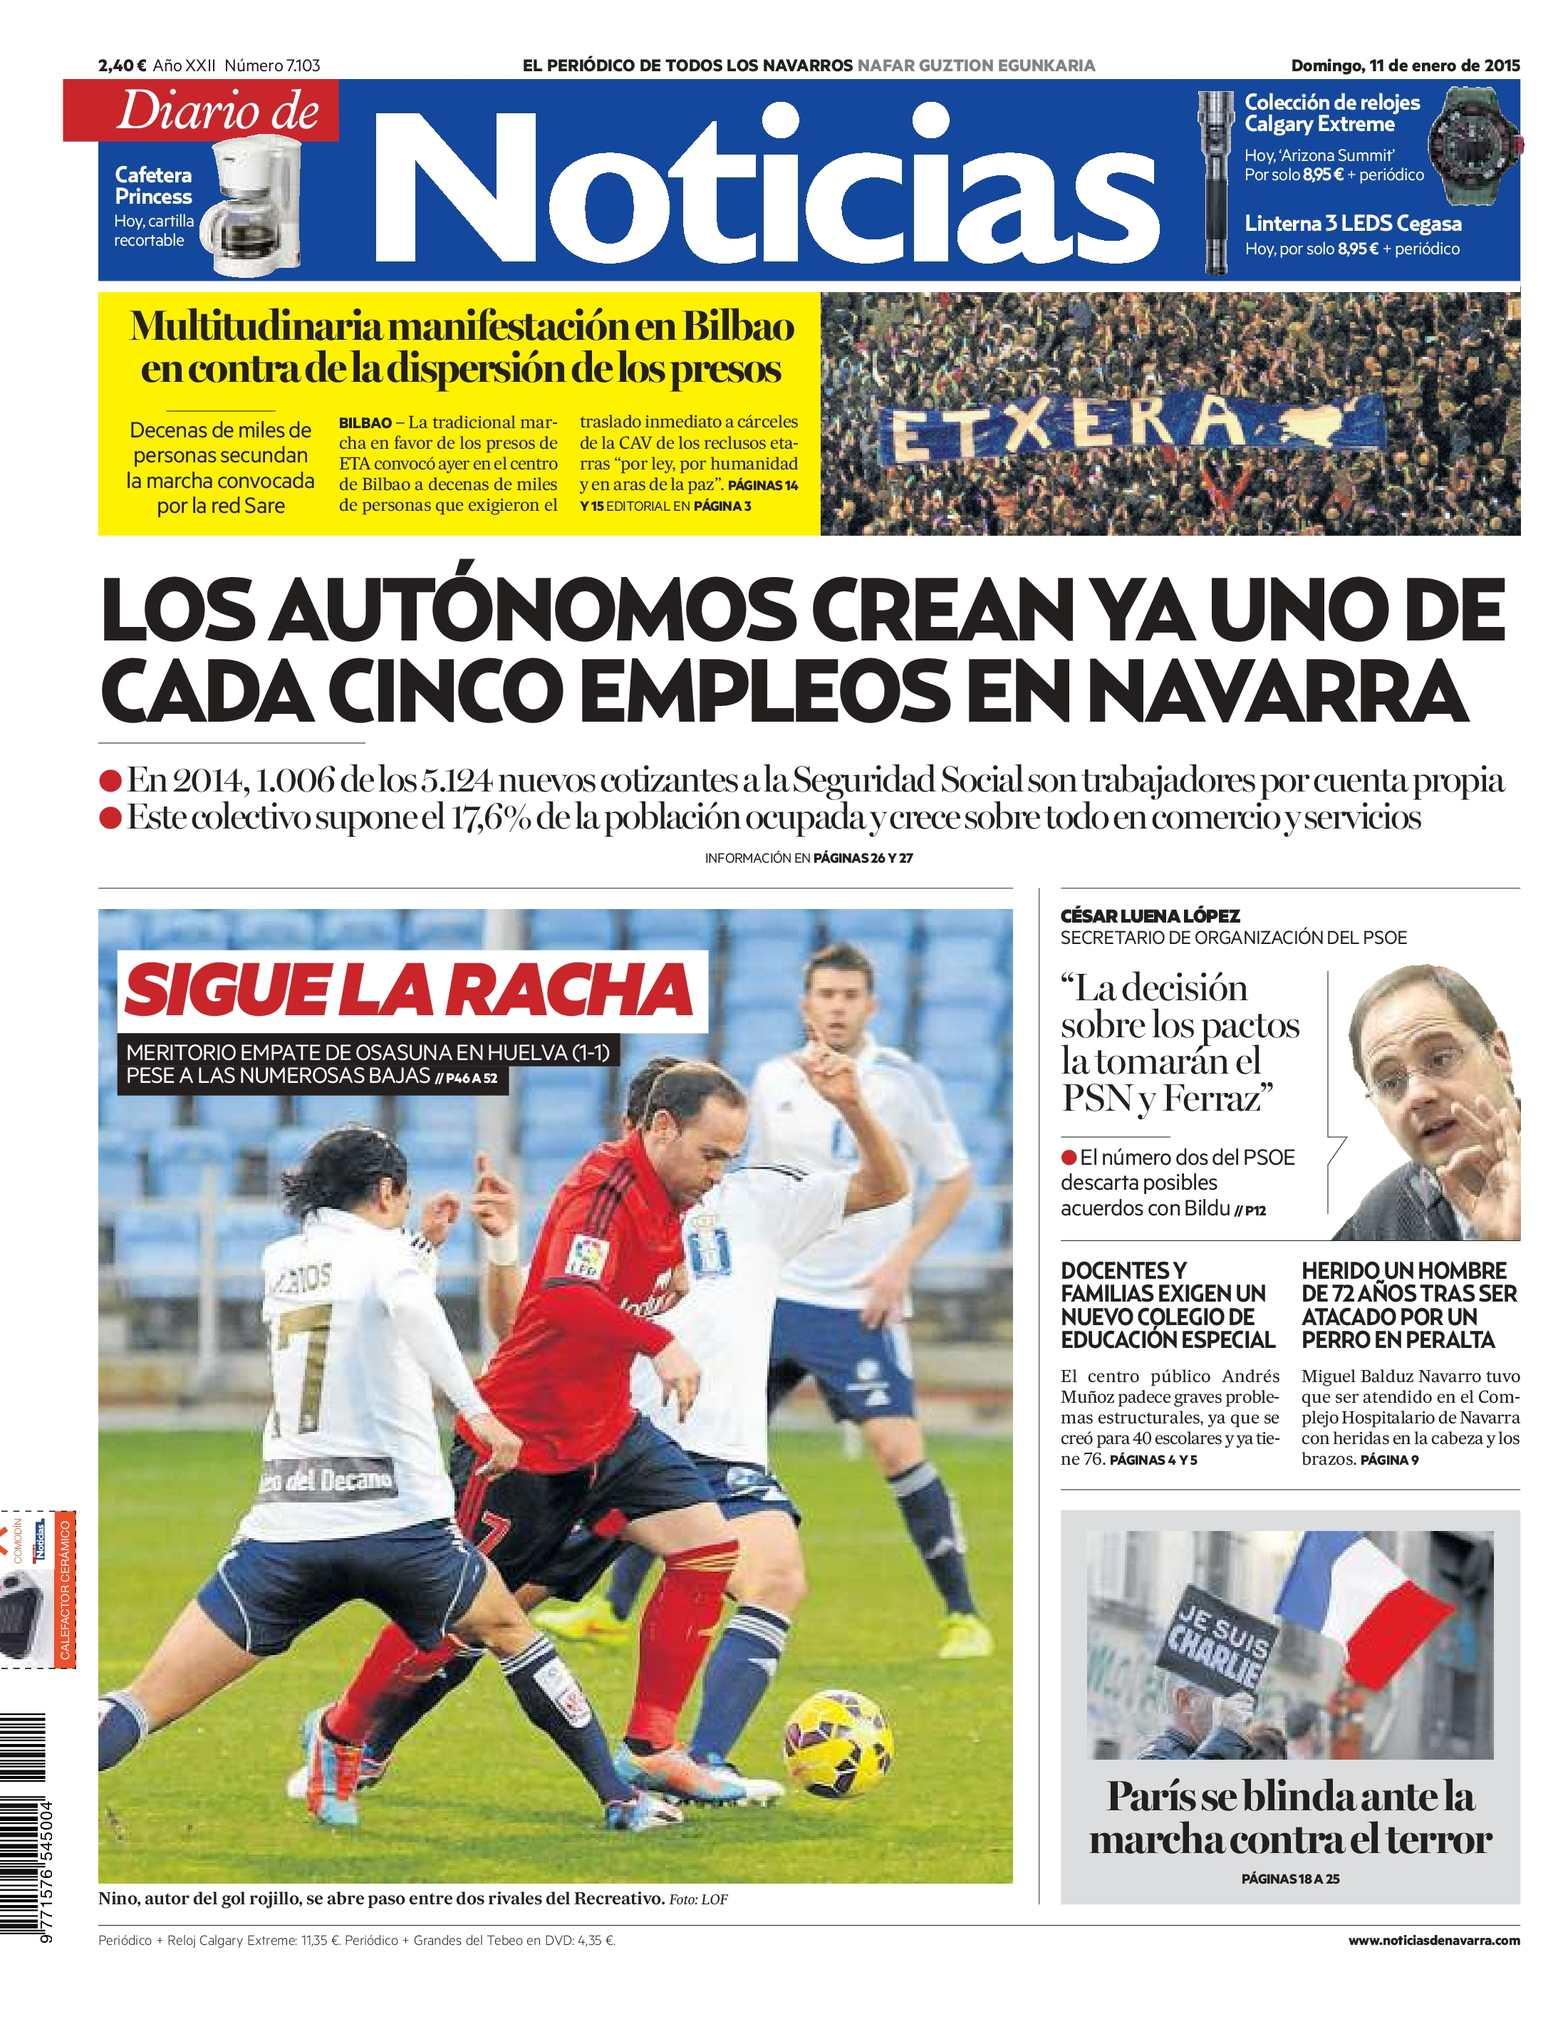 Calaméo - Diario de Noticias 20150111 5096fea69c3f3